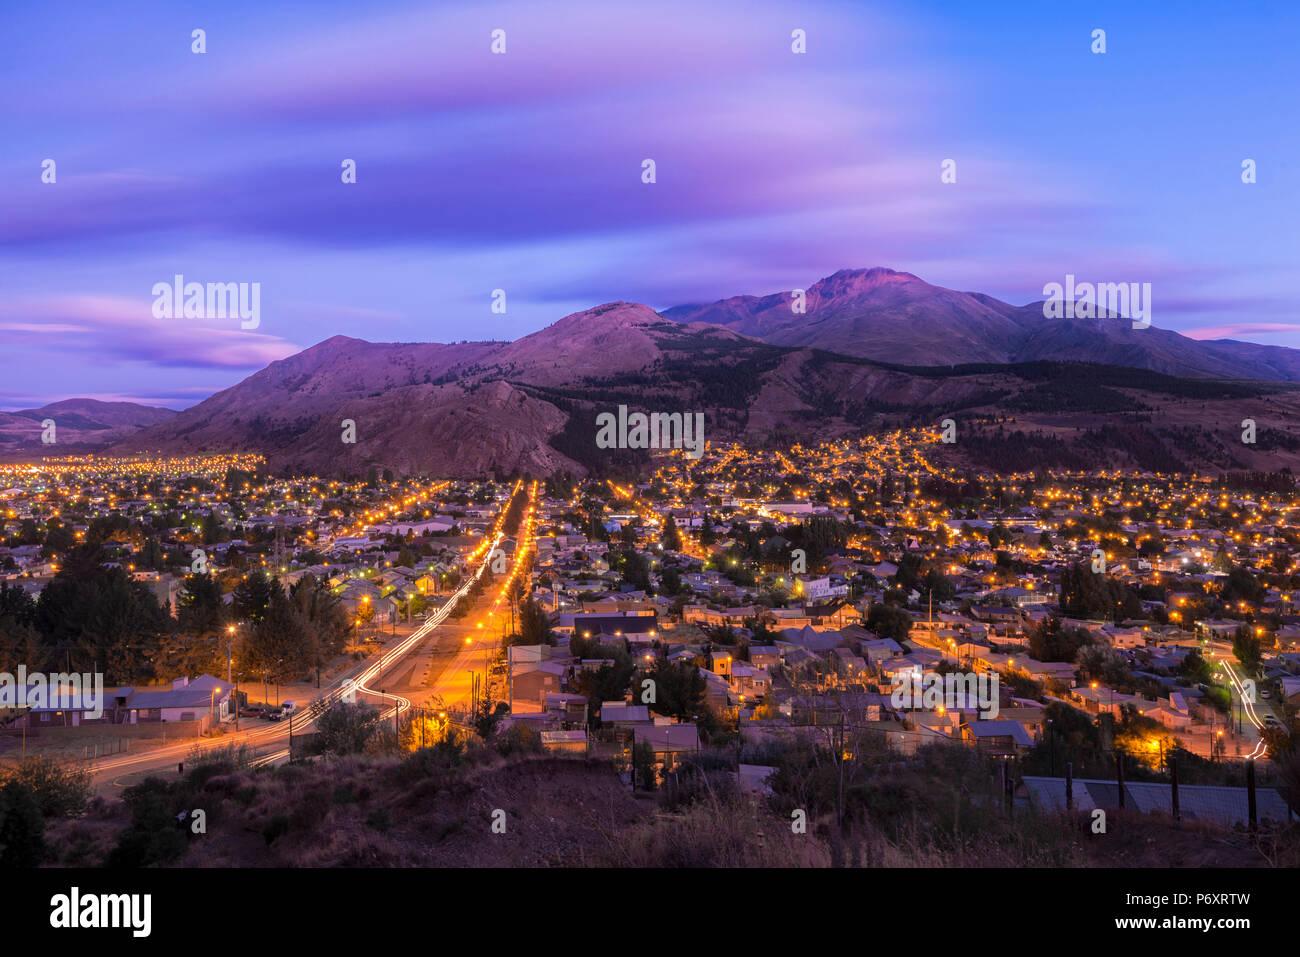 América del Sur, Argentina, Patagonia, Río Negro, Esquel en la noche Imagen De Stock